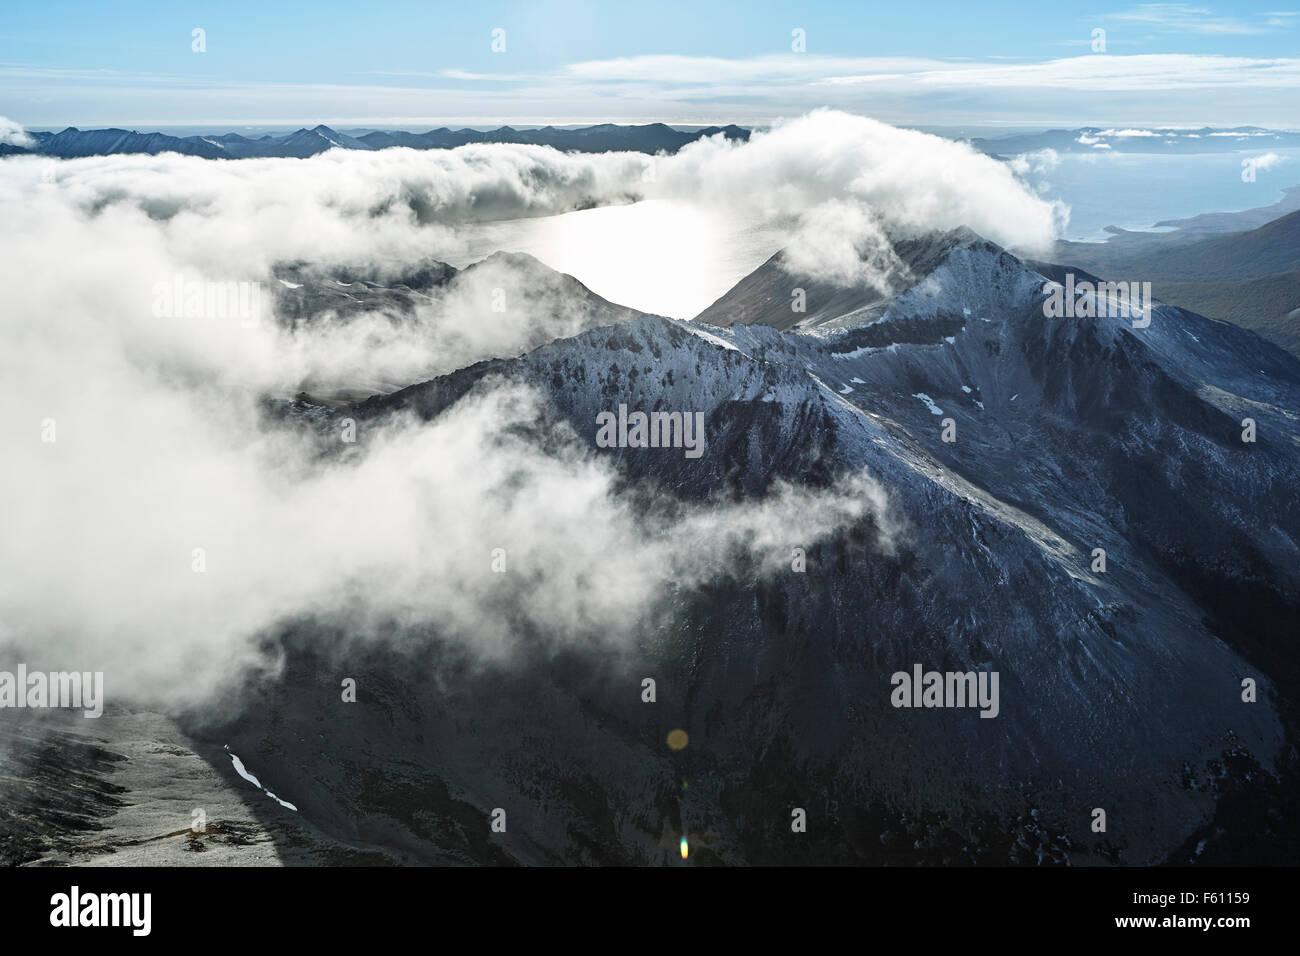 Aerial view, Tierra del Fuego, Argentina - Stock Image